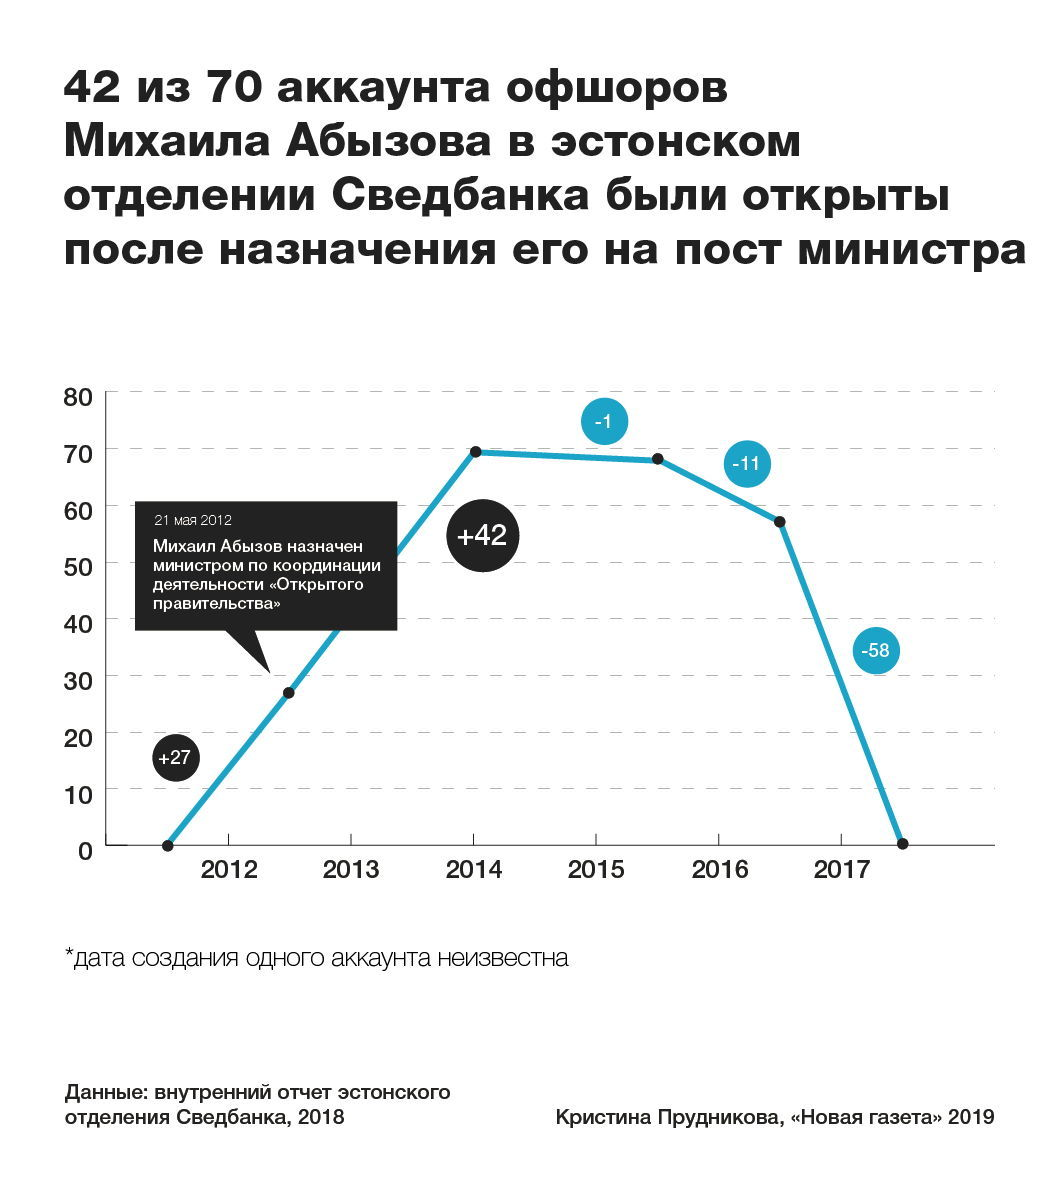 Михаил Абызов сплел сеть из офшоров